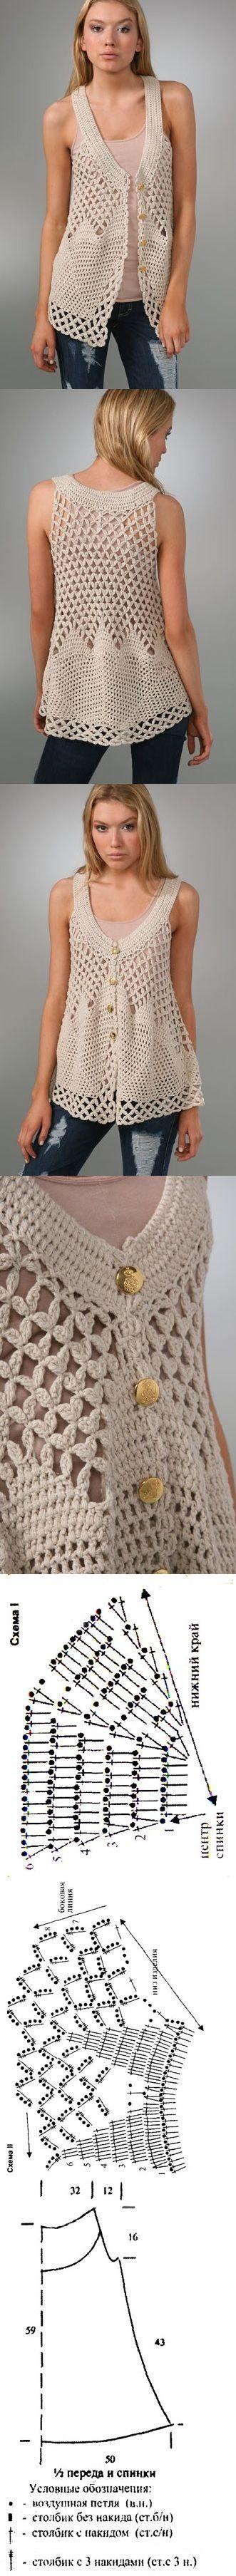 Crochet chaleco de algodón - tiene gráficos